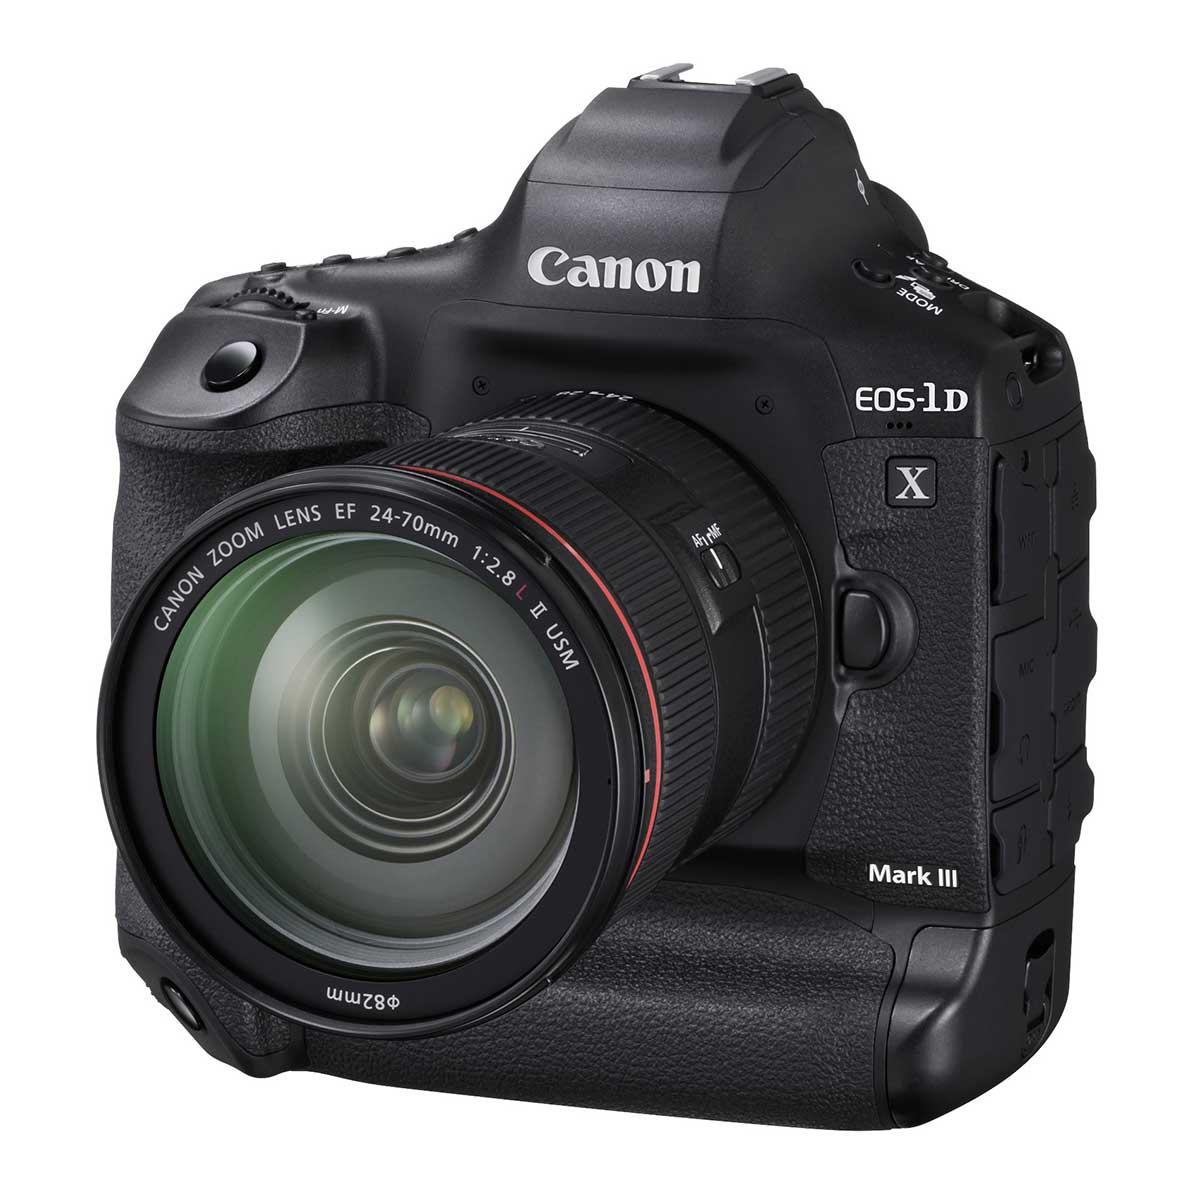 【今週発売の注目製品】キヤノンから、一眼レフカメラの最上位「EOS-1D X Mark III」が登場